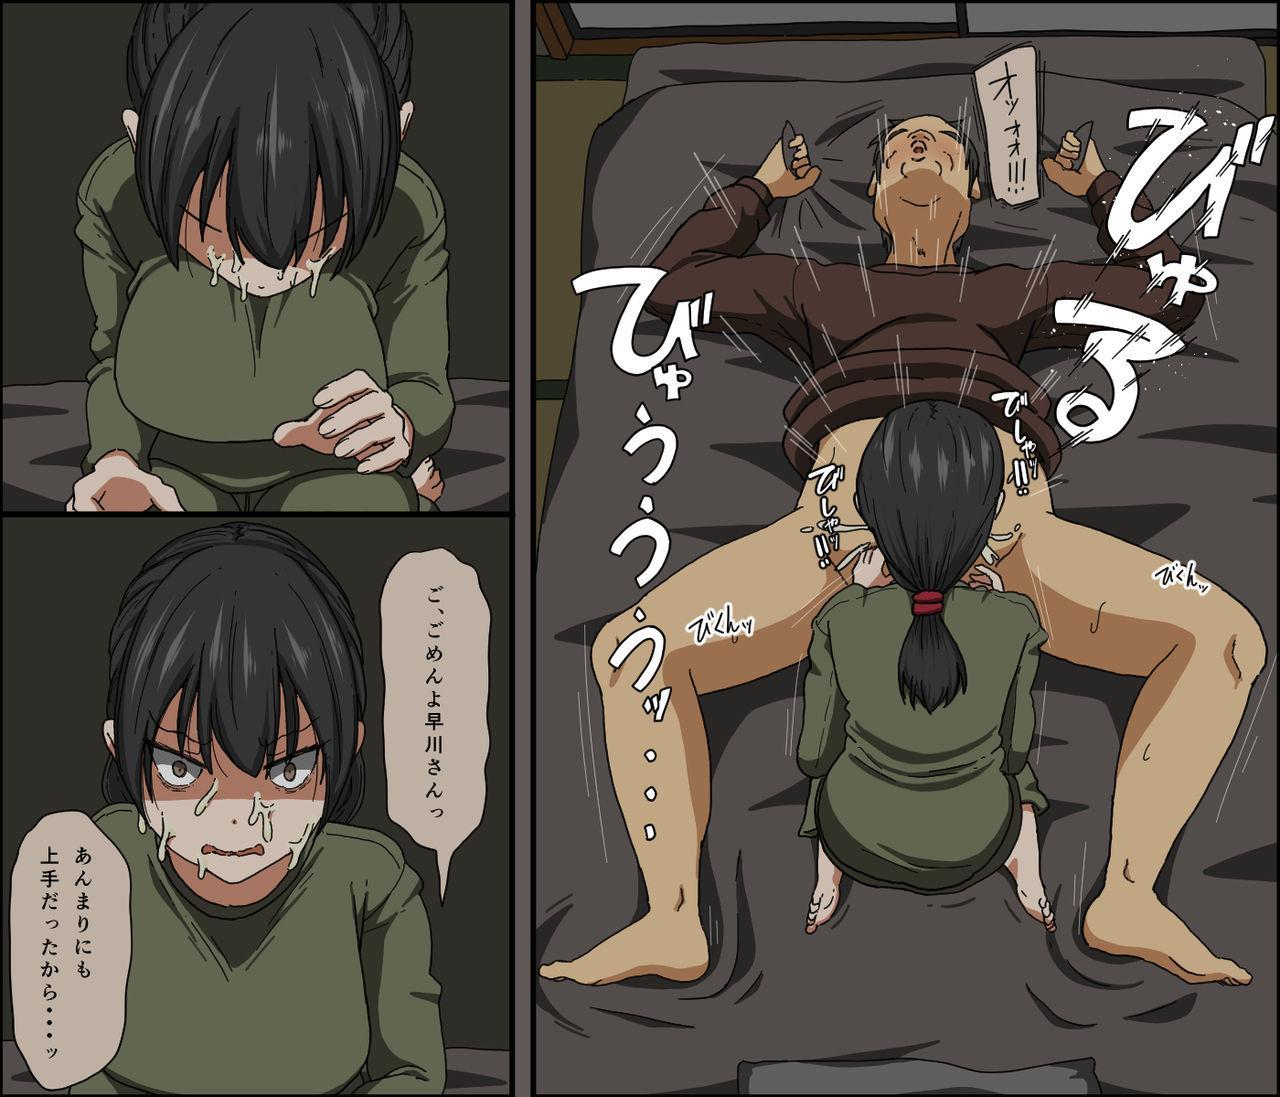 Aitsu ga Katta Gom no Size wa Ore no yori Dekakatta 15